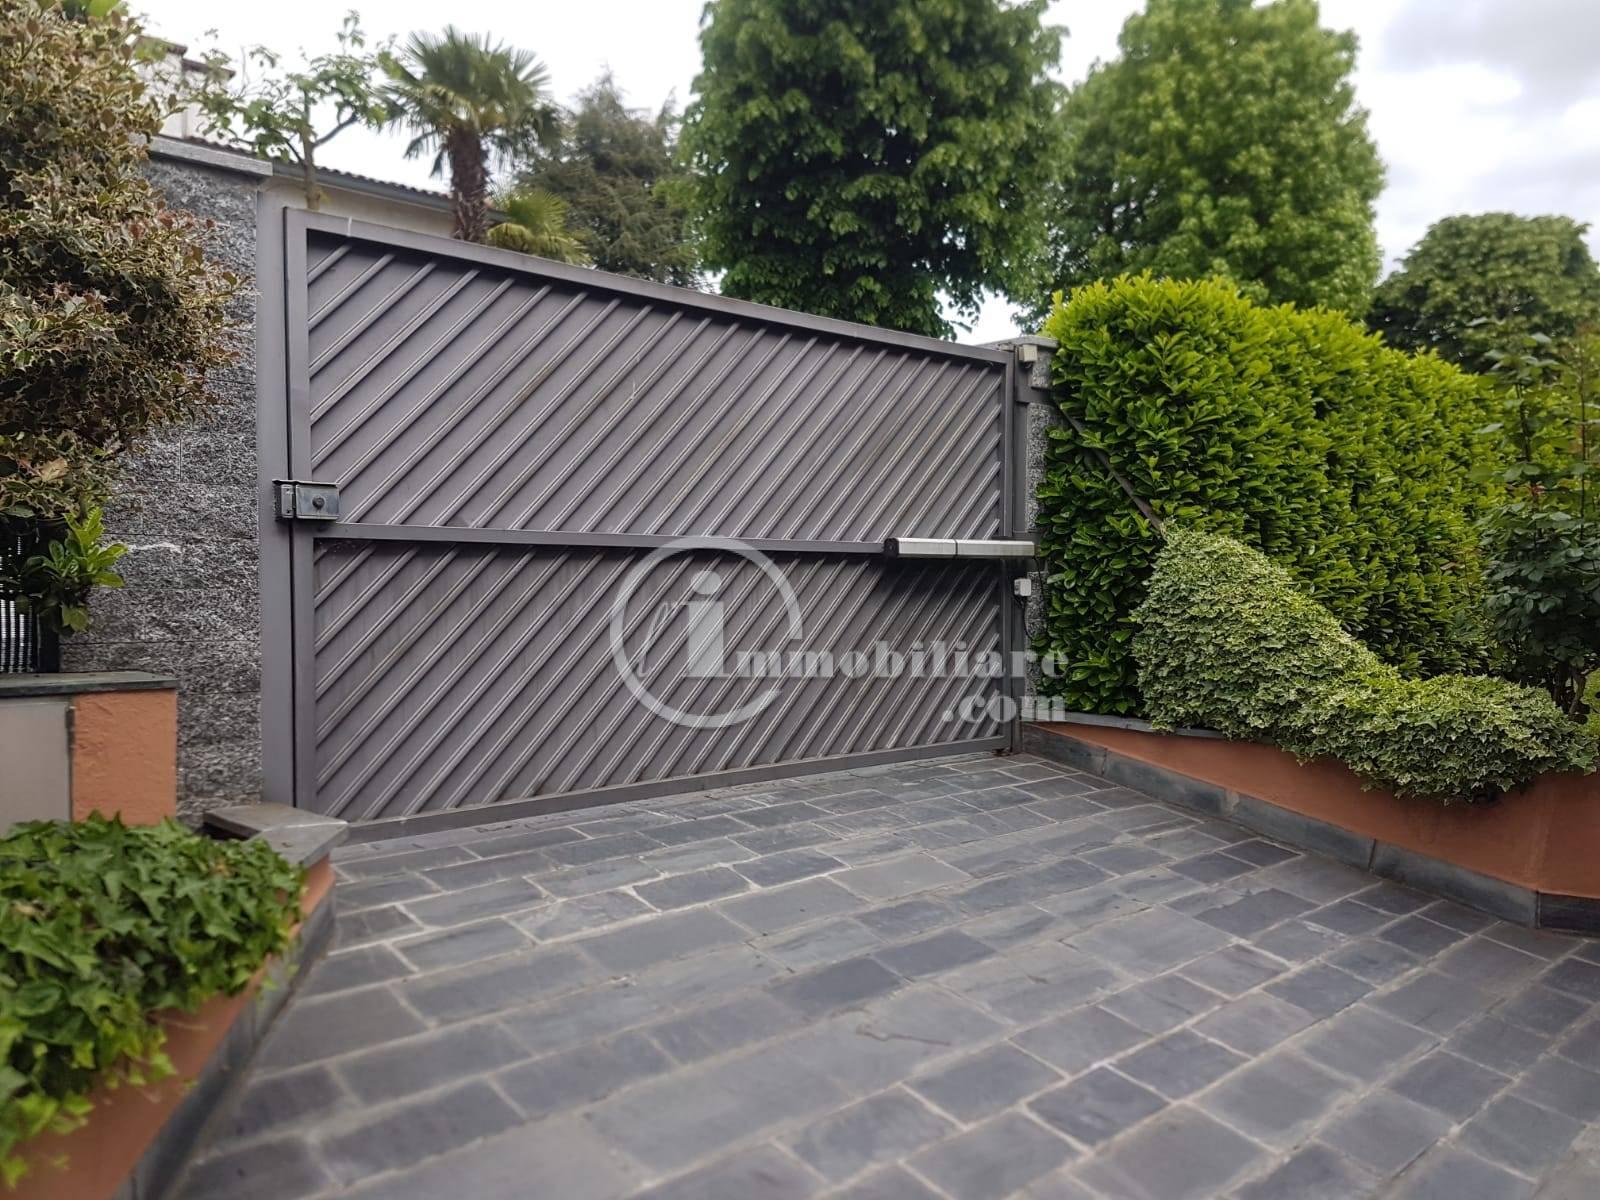 Villa in Vendita a Trezzano Sul Naviglio: 5 locali, 280 mq - Foto 4